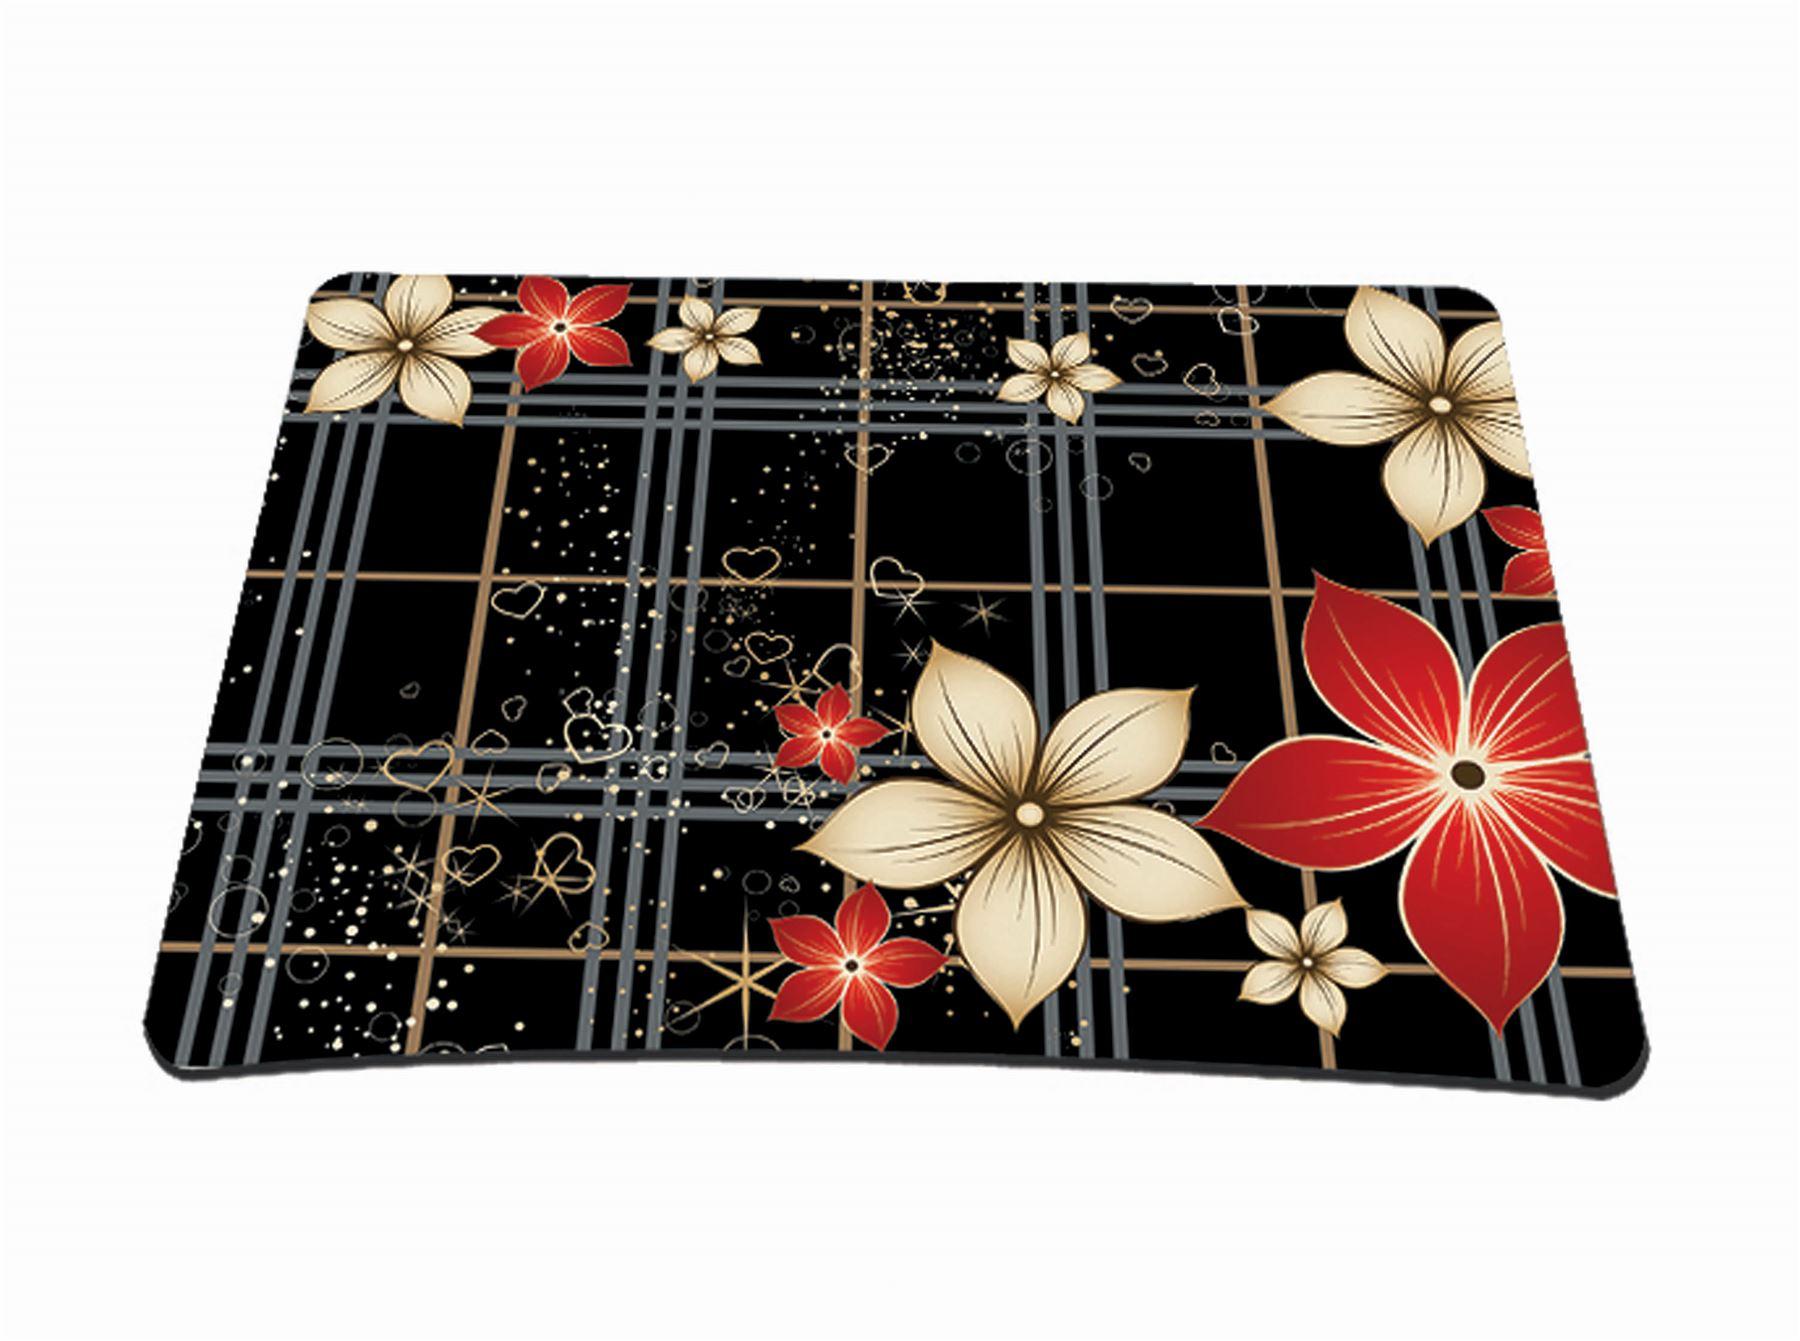 ektor nouveau design tapis de souris pour joueur gamer et graphiste ebay. Black Bedroom Furniture Sets. Home Design Ideas